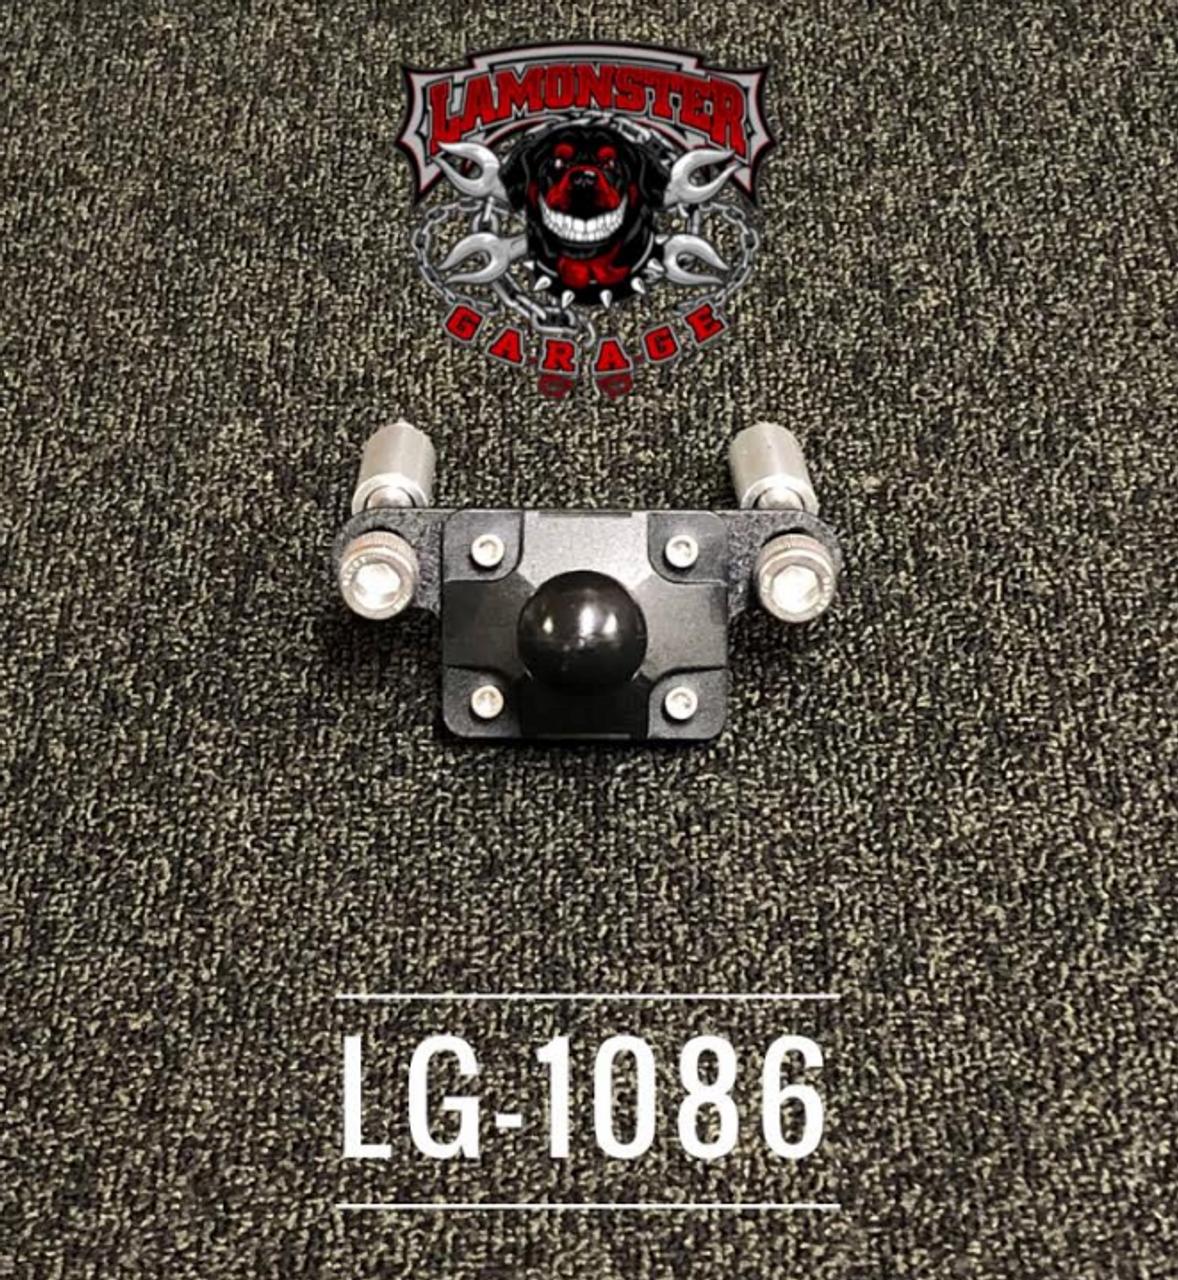 Lamonster Ram mount for F3 & RT 2.0 (Mount Only) (LG-1086)